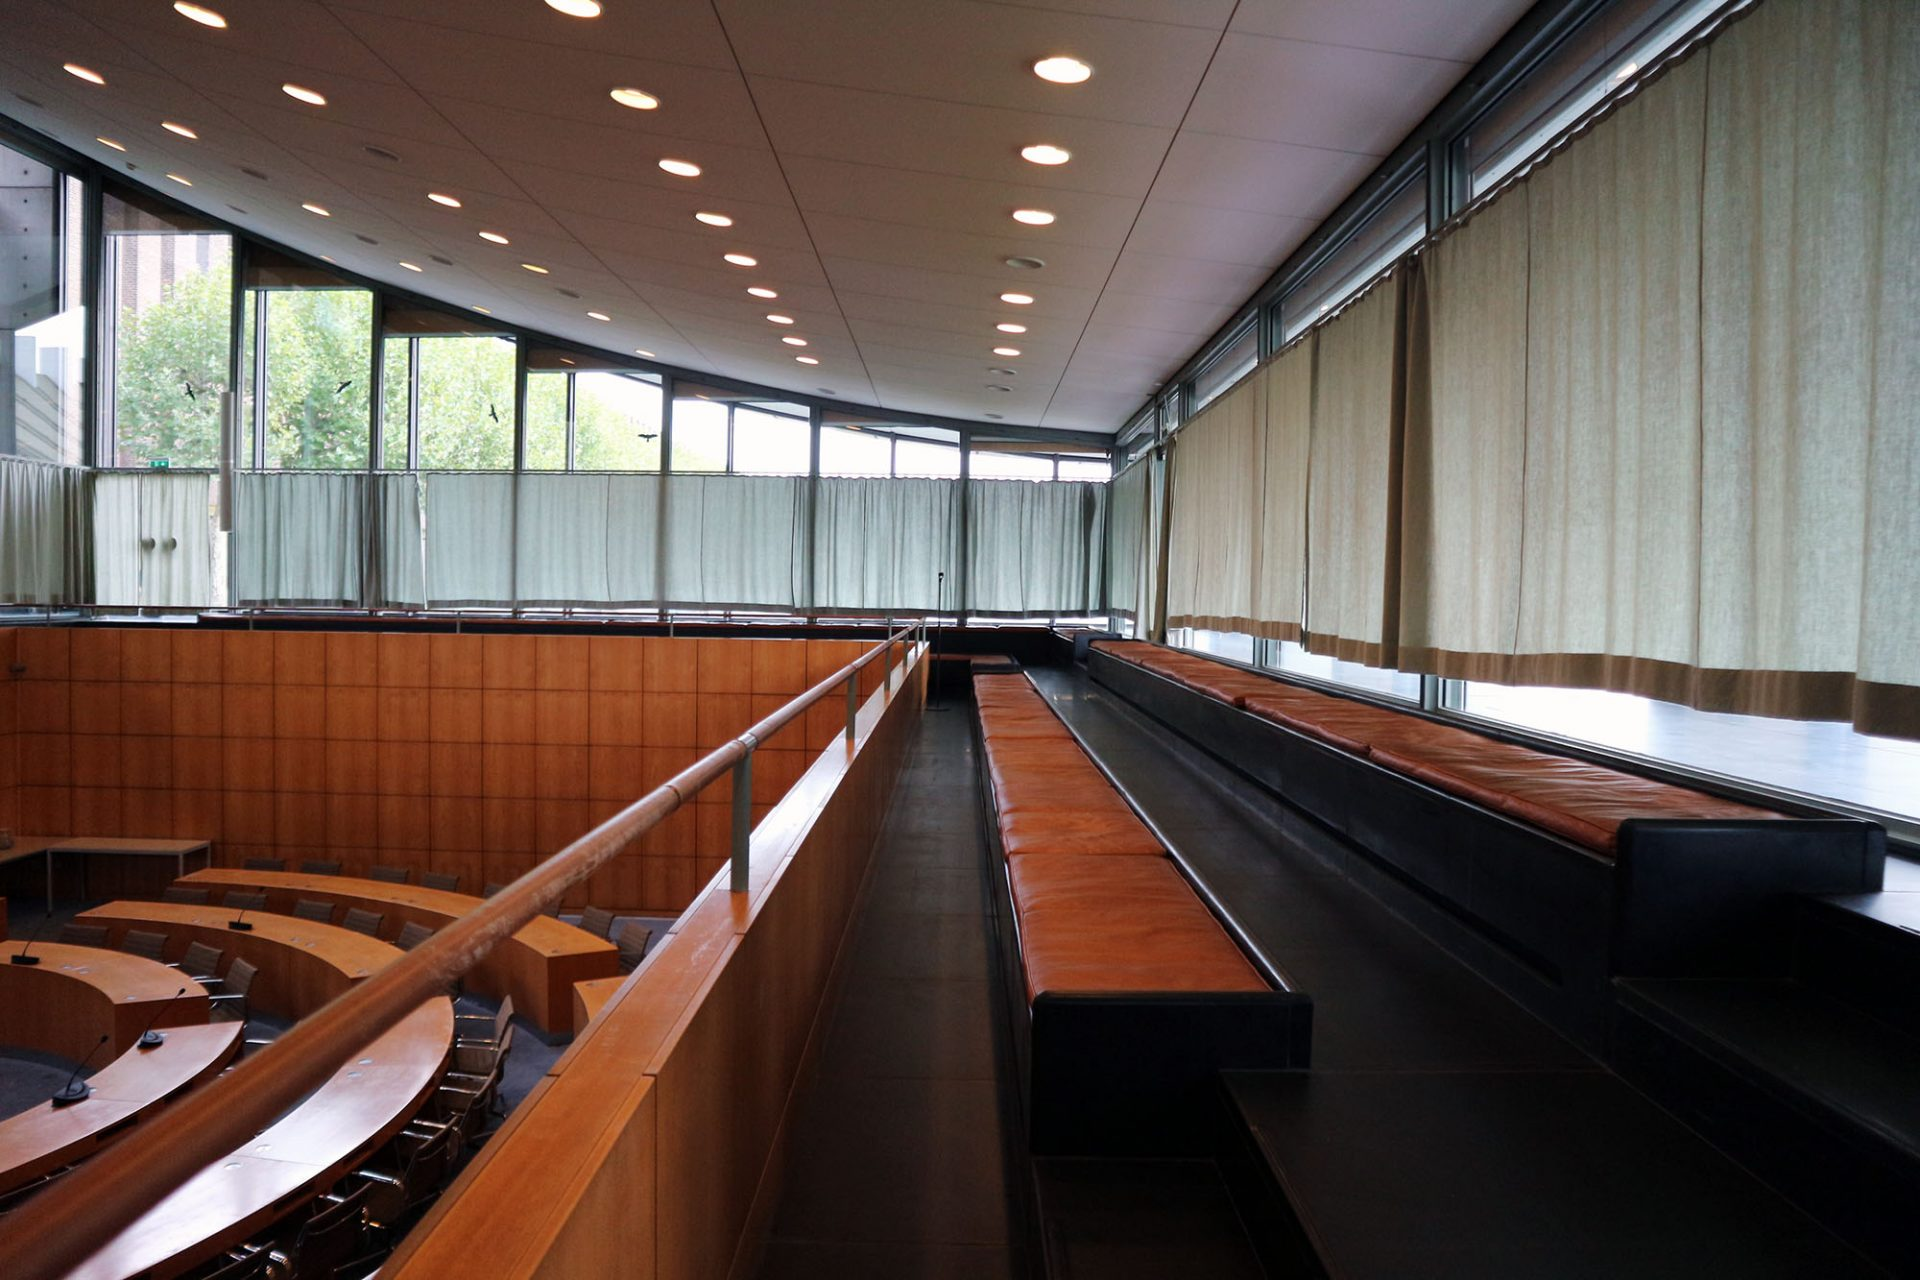 Ratssaal Castrop-Rauxel. Von der Zuschauerempore fällt der Blick ins Plenum. Auch die Sitzkissen aus Leder sind noch im Original erhalten.